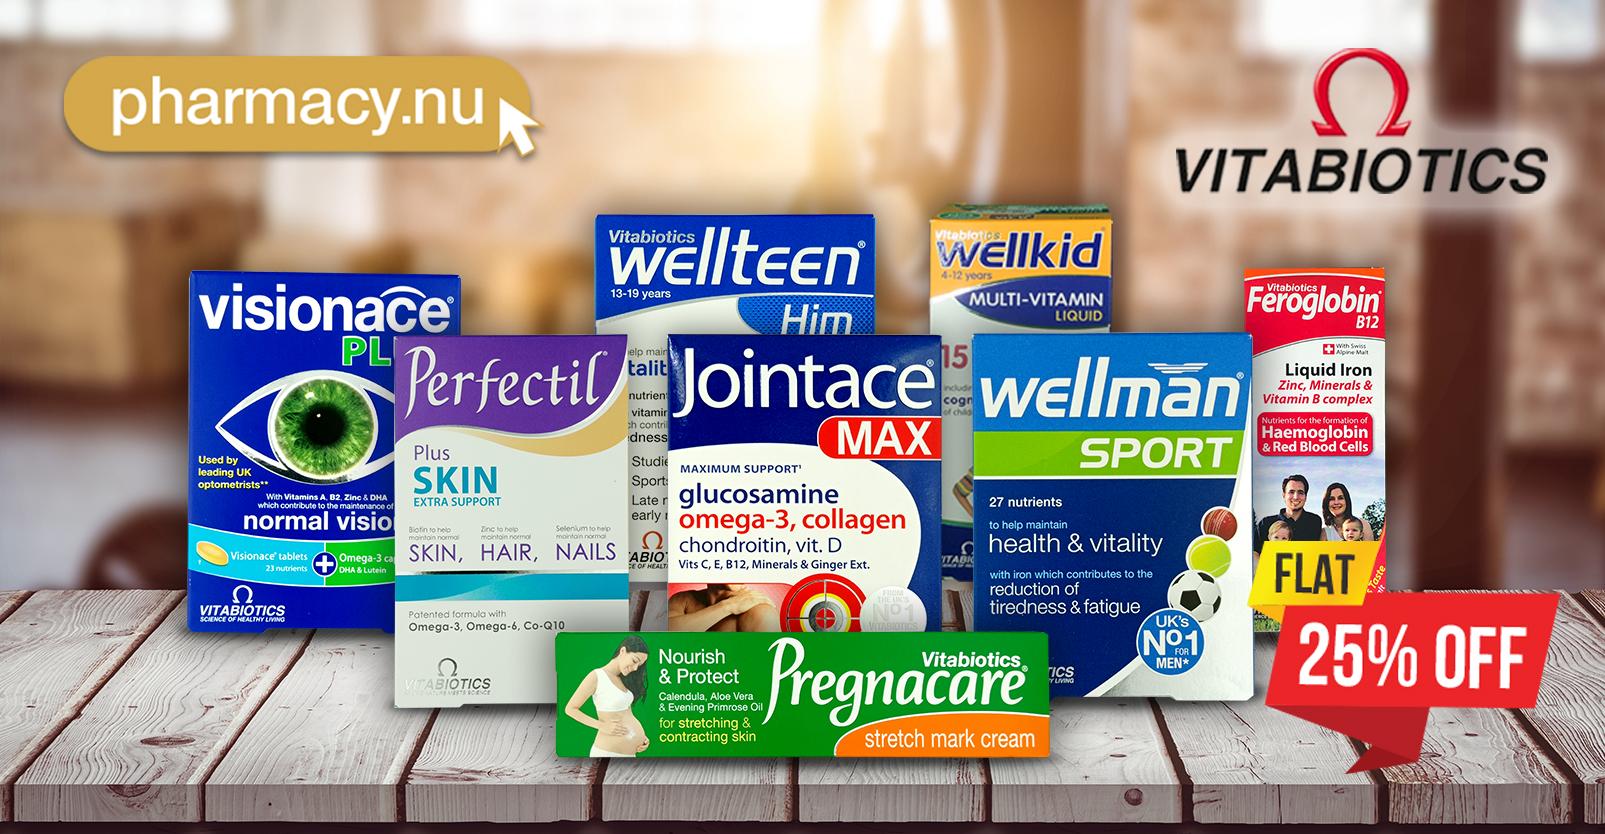 vitabiotics-vitamins-1605x834.jpg